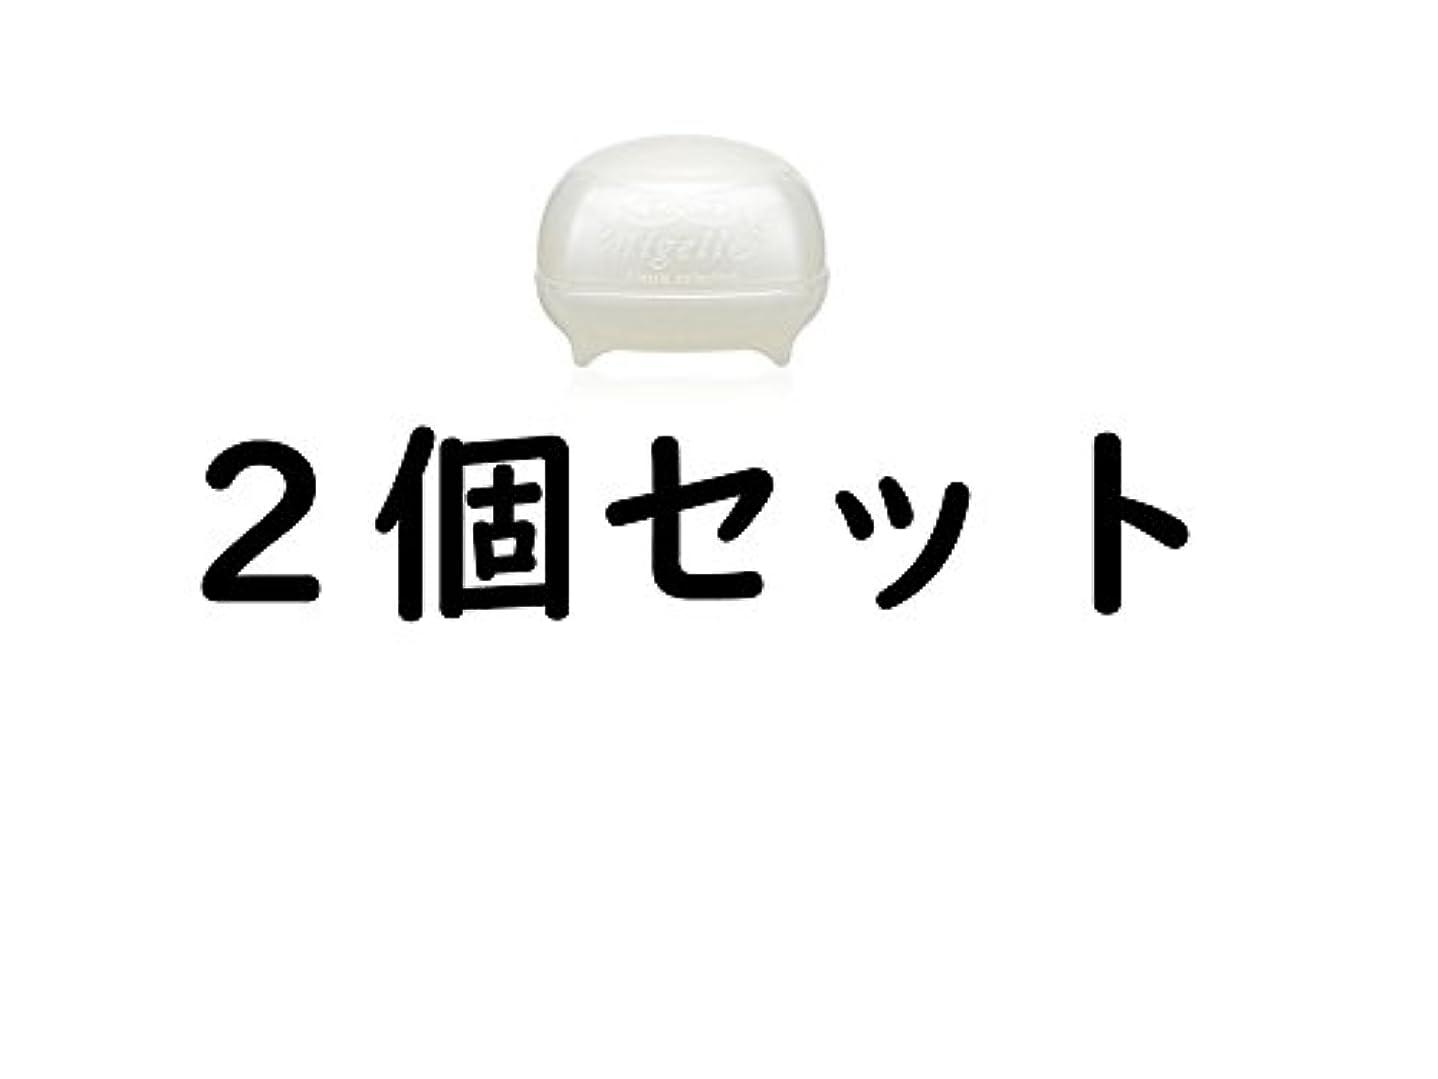 【X2個セット】 ミルボン ニゼル トレイスワックス 80g (ニゼルドレシアコレクション) TRACE WAX MILBON